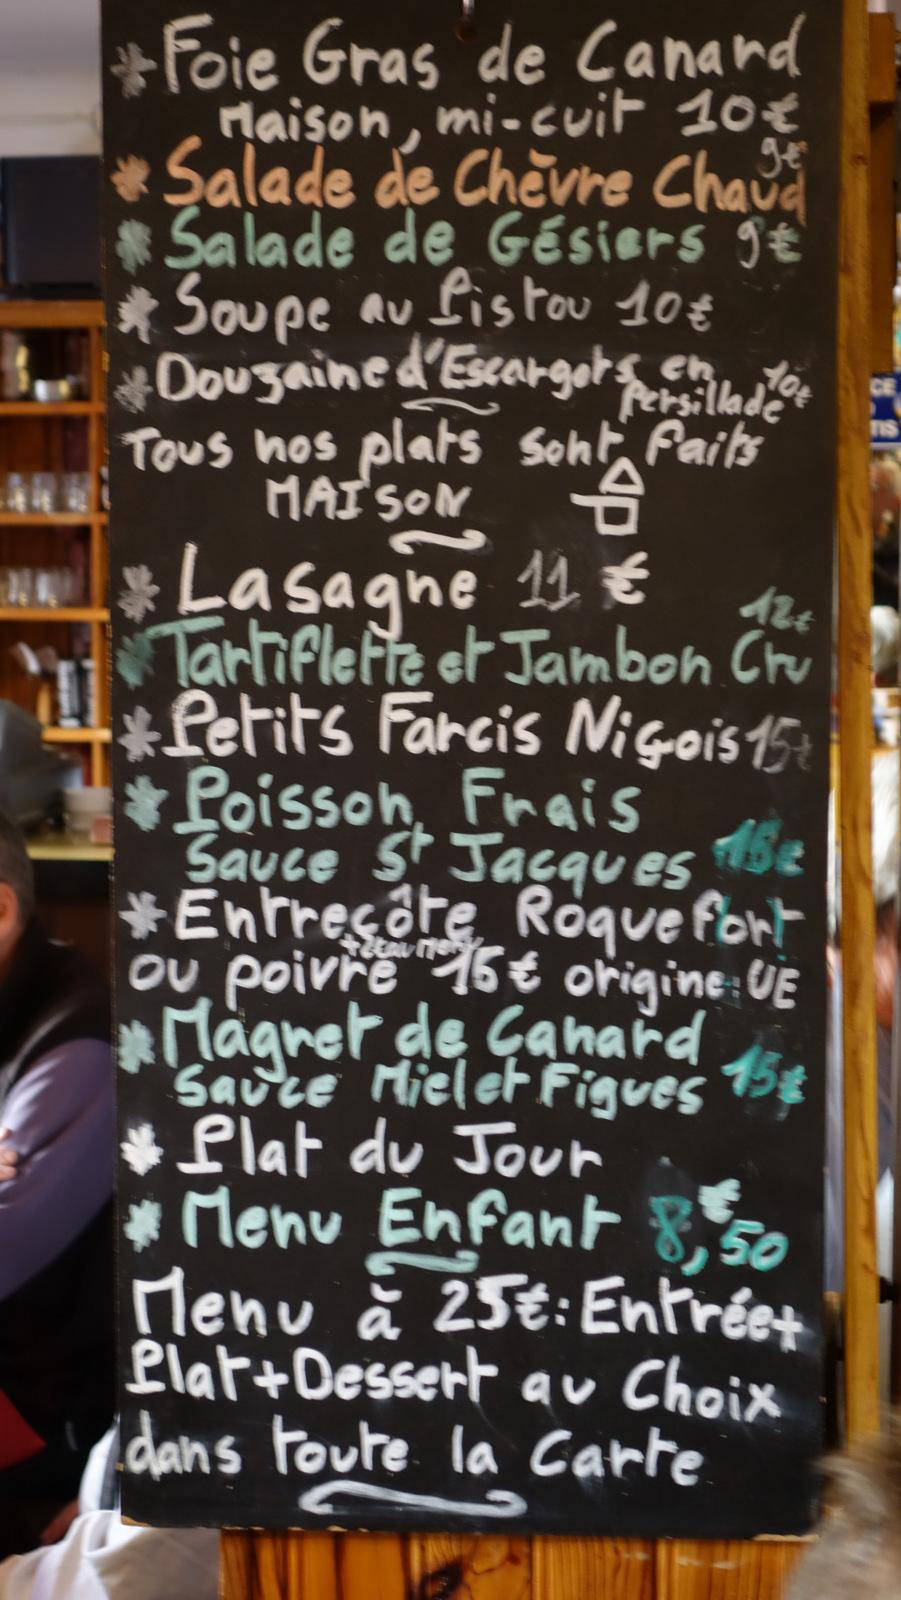 beau menu !!!